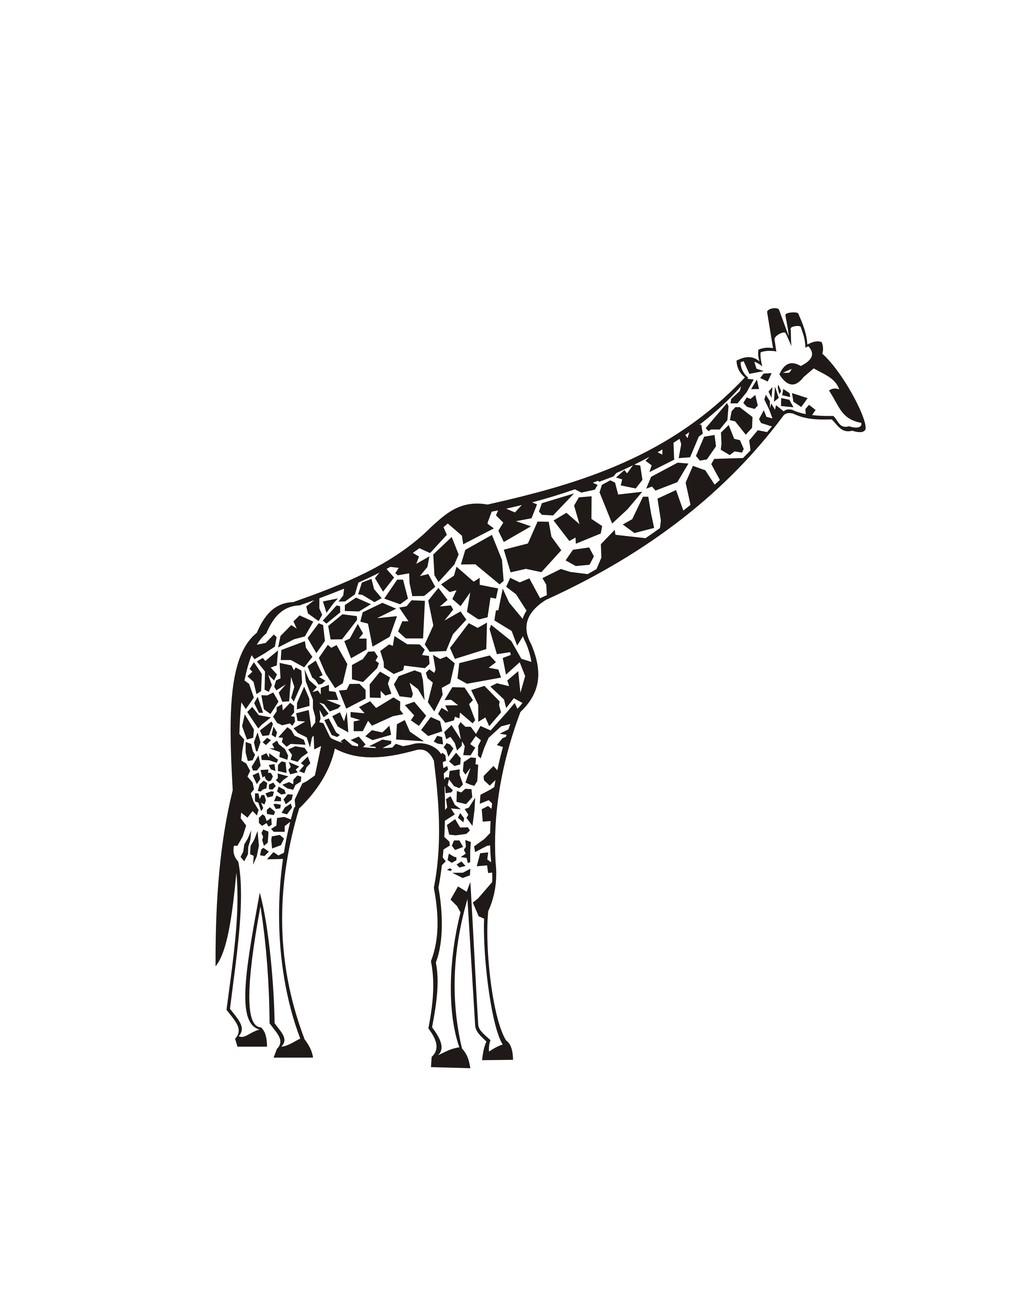 长颈鹿简笔画卡通动物下载_长颈鹿简笔画卡通动物图片